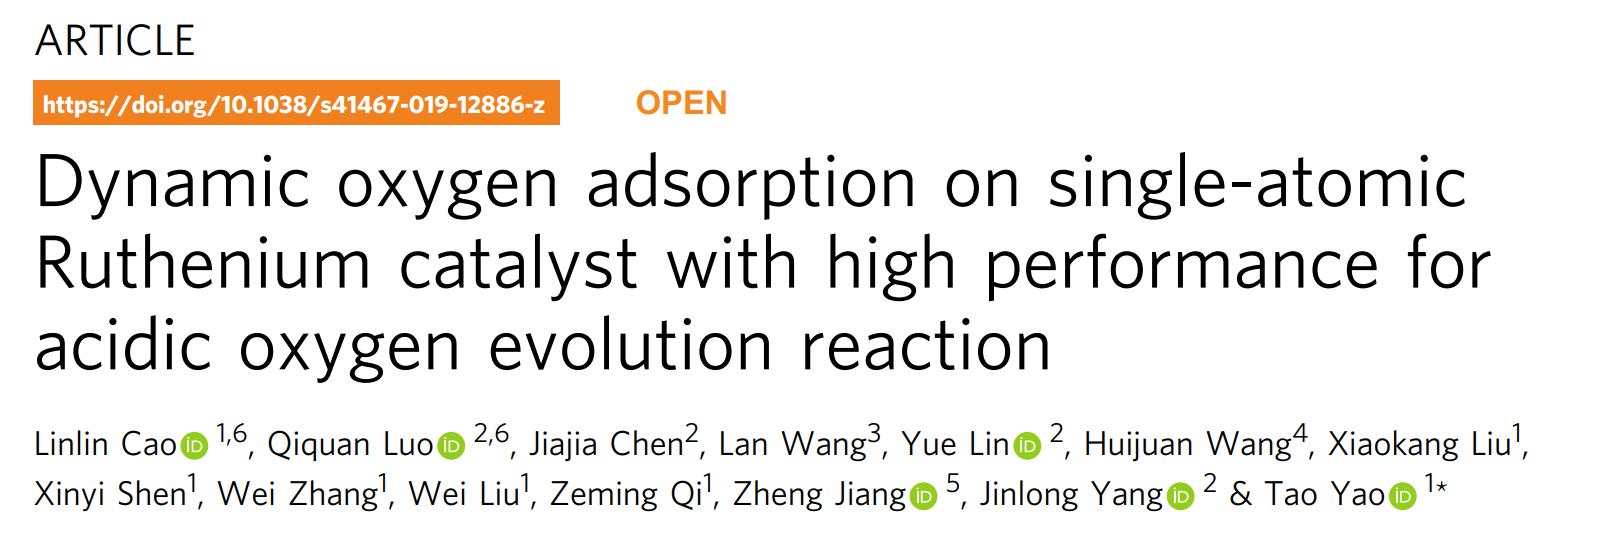 中科大Nat子刊:Ru单原子动态氧吸附用于高效酸性析氧